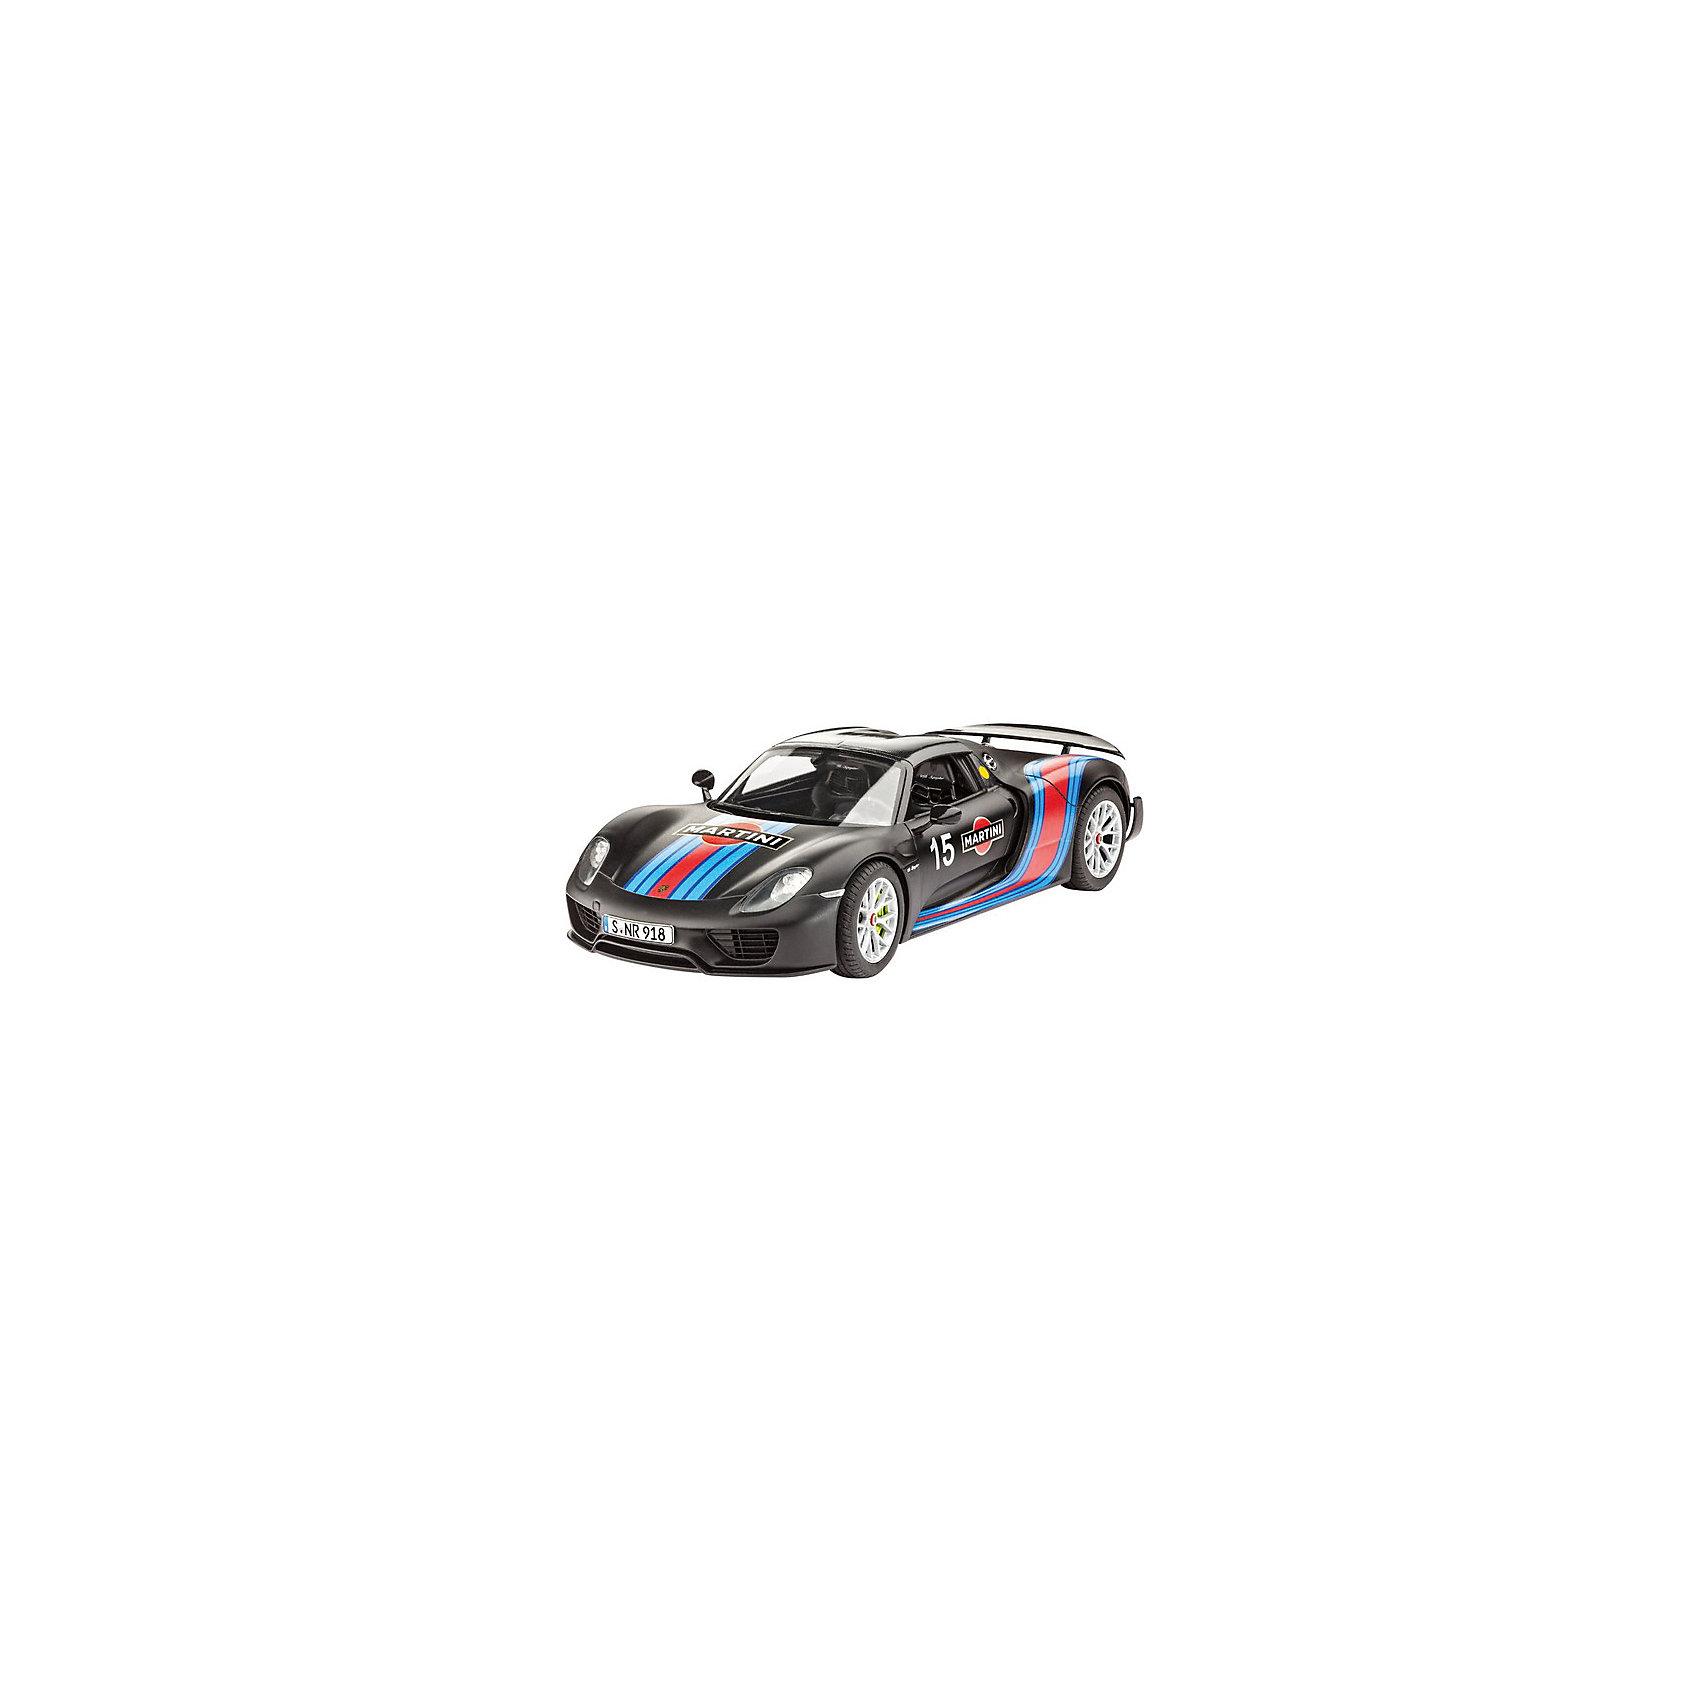 Автомобиль Porsche 918 Spyder Weissach Sport VersionМодели для склеивания<br>Компания Revell предлагает любителям быстрой езды спортивную модель автомобиля Porsche 918 Spyder. Это яркая и красивая машина, мимо которой нельзя просто пройти! Модель поражает своей реалистичностью и огромным сходством с оригиналом. Подвеска, электродвигатель и салон точь в точь напоминают своего большого родственника.  <br><br>Размер машины равен 19,4 см. Что еще сильнее удивляет! Как в такой малютке смогли совместить все подробности строения оригинала?! Количество частей, из которых состоит модель — 120.  <br><br>В комплекте декали на спортивный вариант Porsche 918 Spyder Weissach Sport Version <br><br>Рекомендованный возраст  — 10 лет и выше.<br><br>Ширина мм: 9999<br>Глубина мм: 9999<br>Высота мм: 9999<br>Вес г: 9999<br>Возраст от месяцев: 120<br>Возраст до месяцев: 2147483647<br>Пол: Мужской<br>Возраст: Детский<br>SKU: 7122353